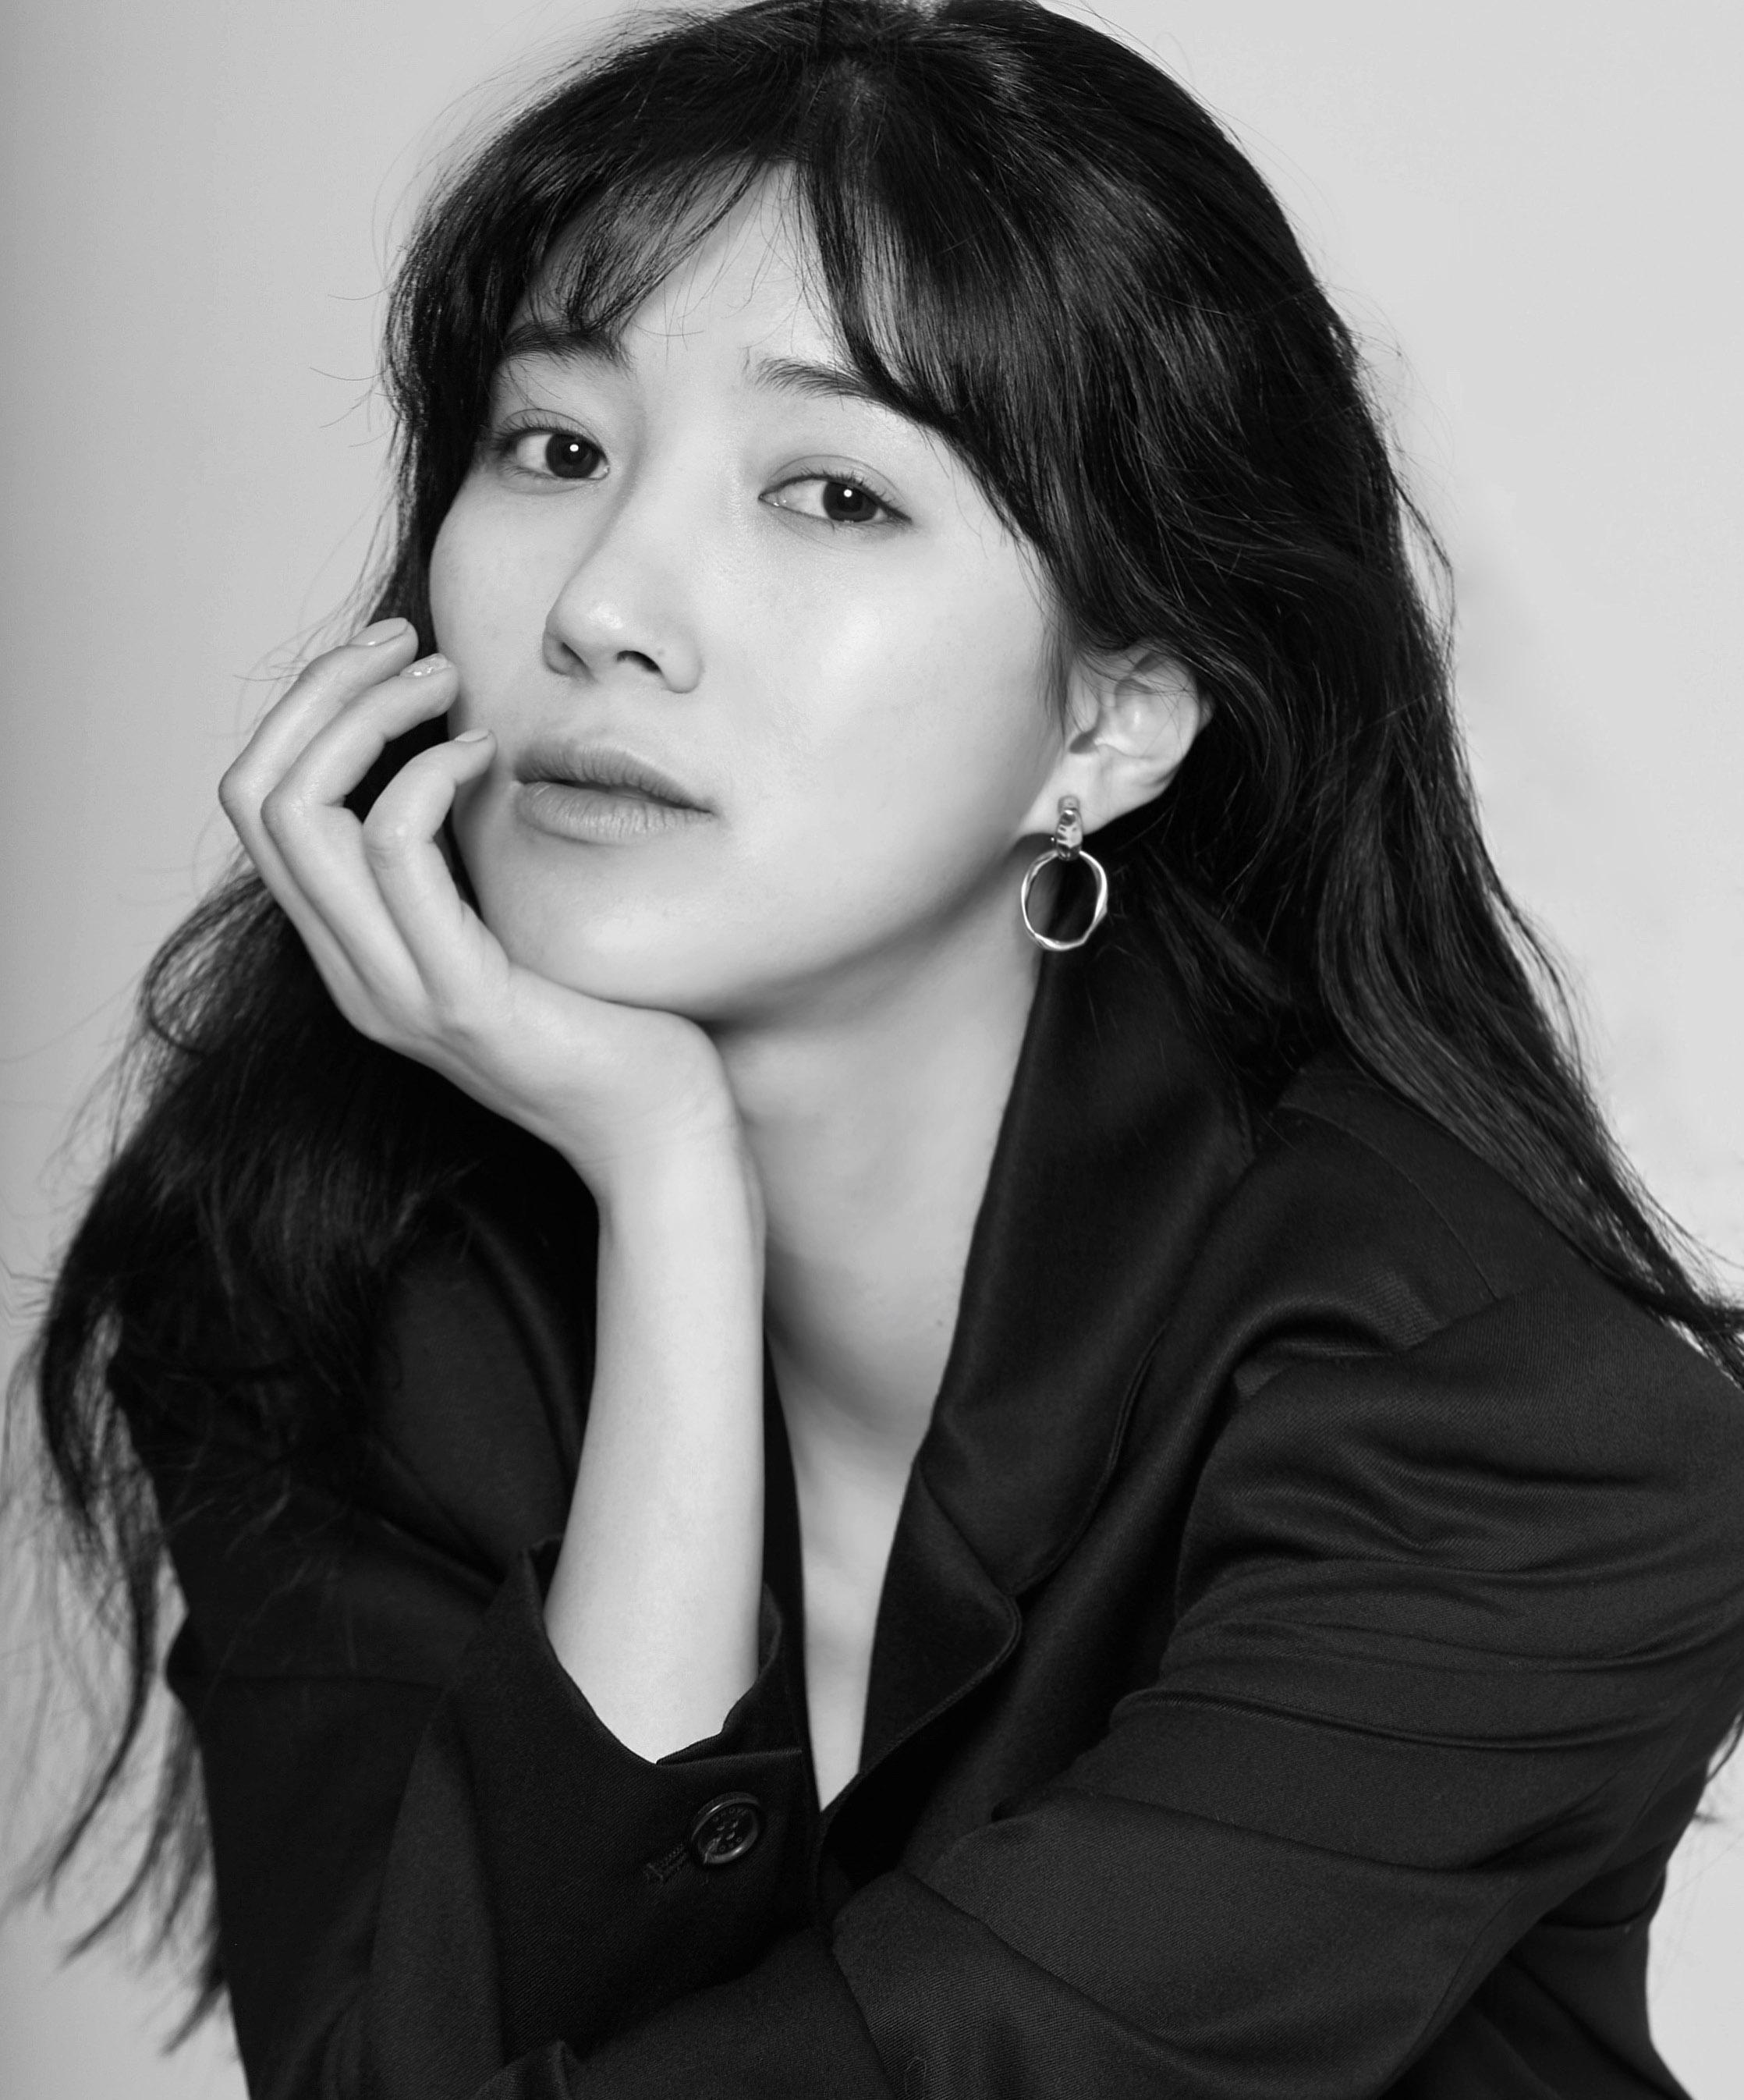 '속아도 꿈결' 주아름, 류진-함은정과 호흡 [공식입장]